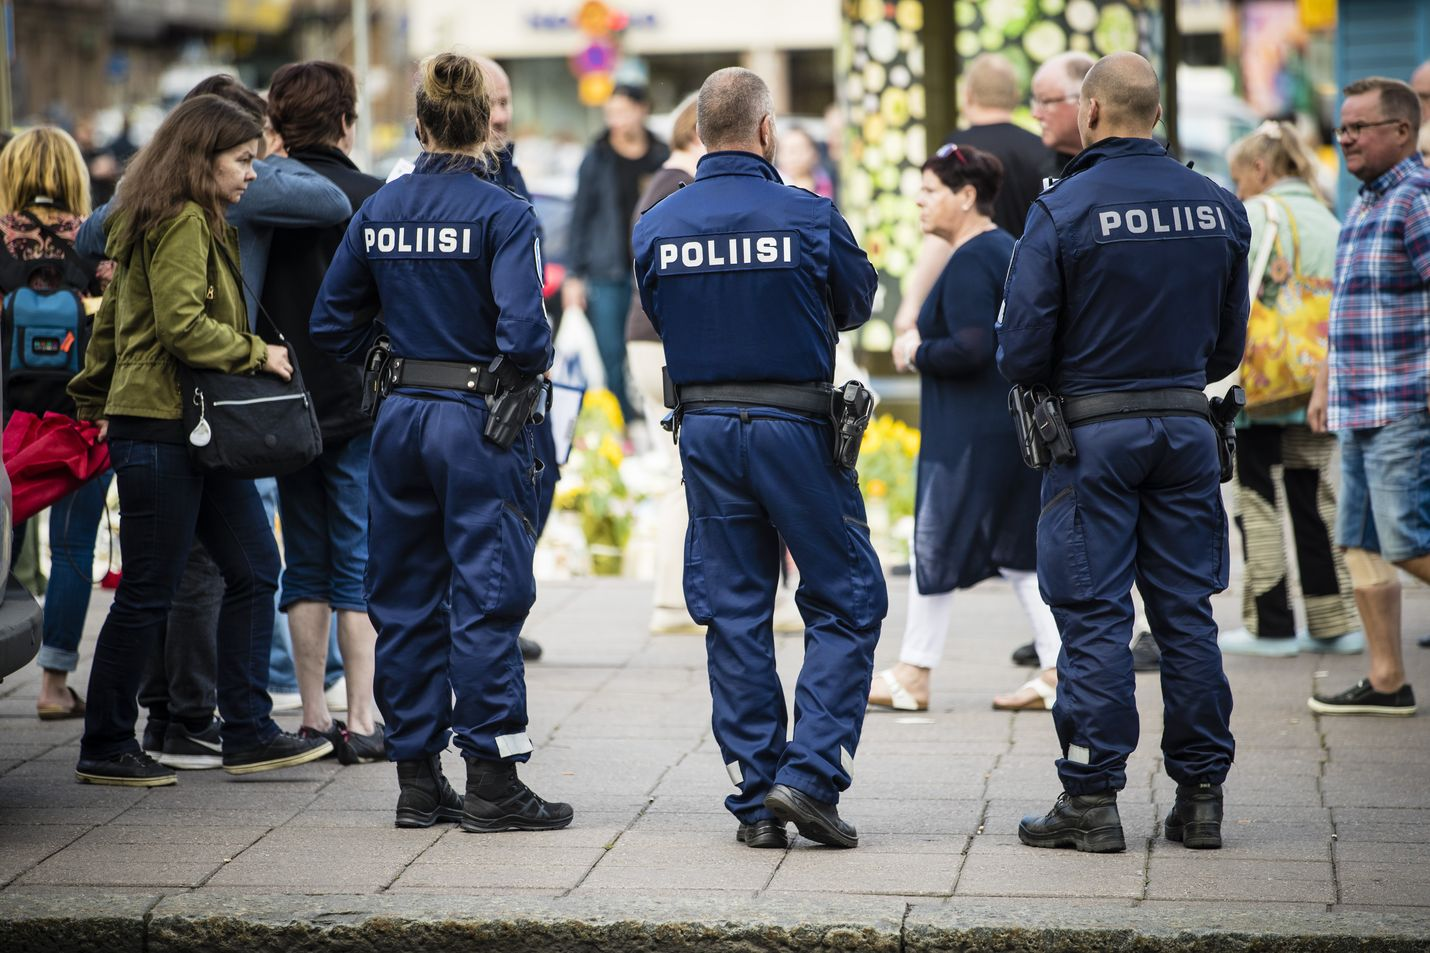 Elokuussa 2017 Abderrahman Bouanane iski keittiöveitsellä kymmentä ihmistä Turun keskustassa. Heistä kaksi kuoli. Teko oli ensimmäinen jihadistisessa tarkoituksessa tehty islamilainen terroriteko Suomessa.